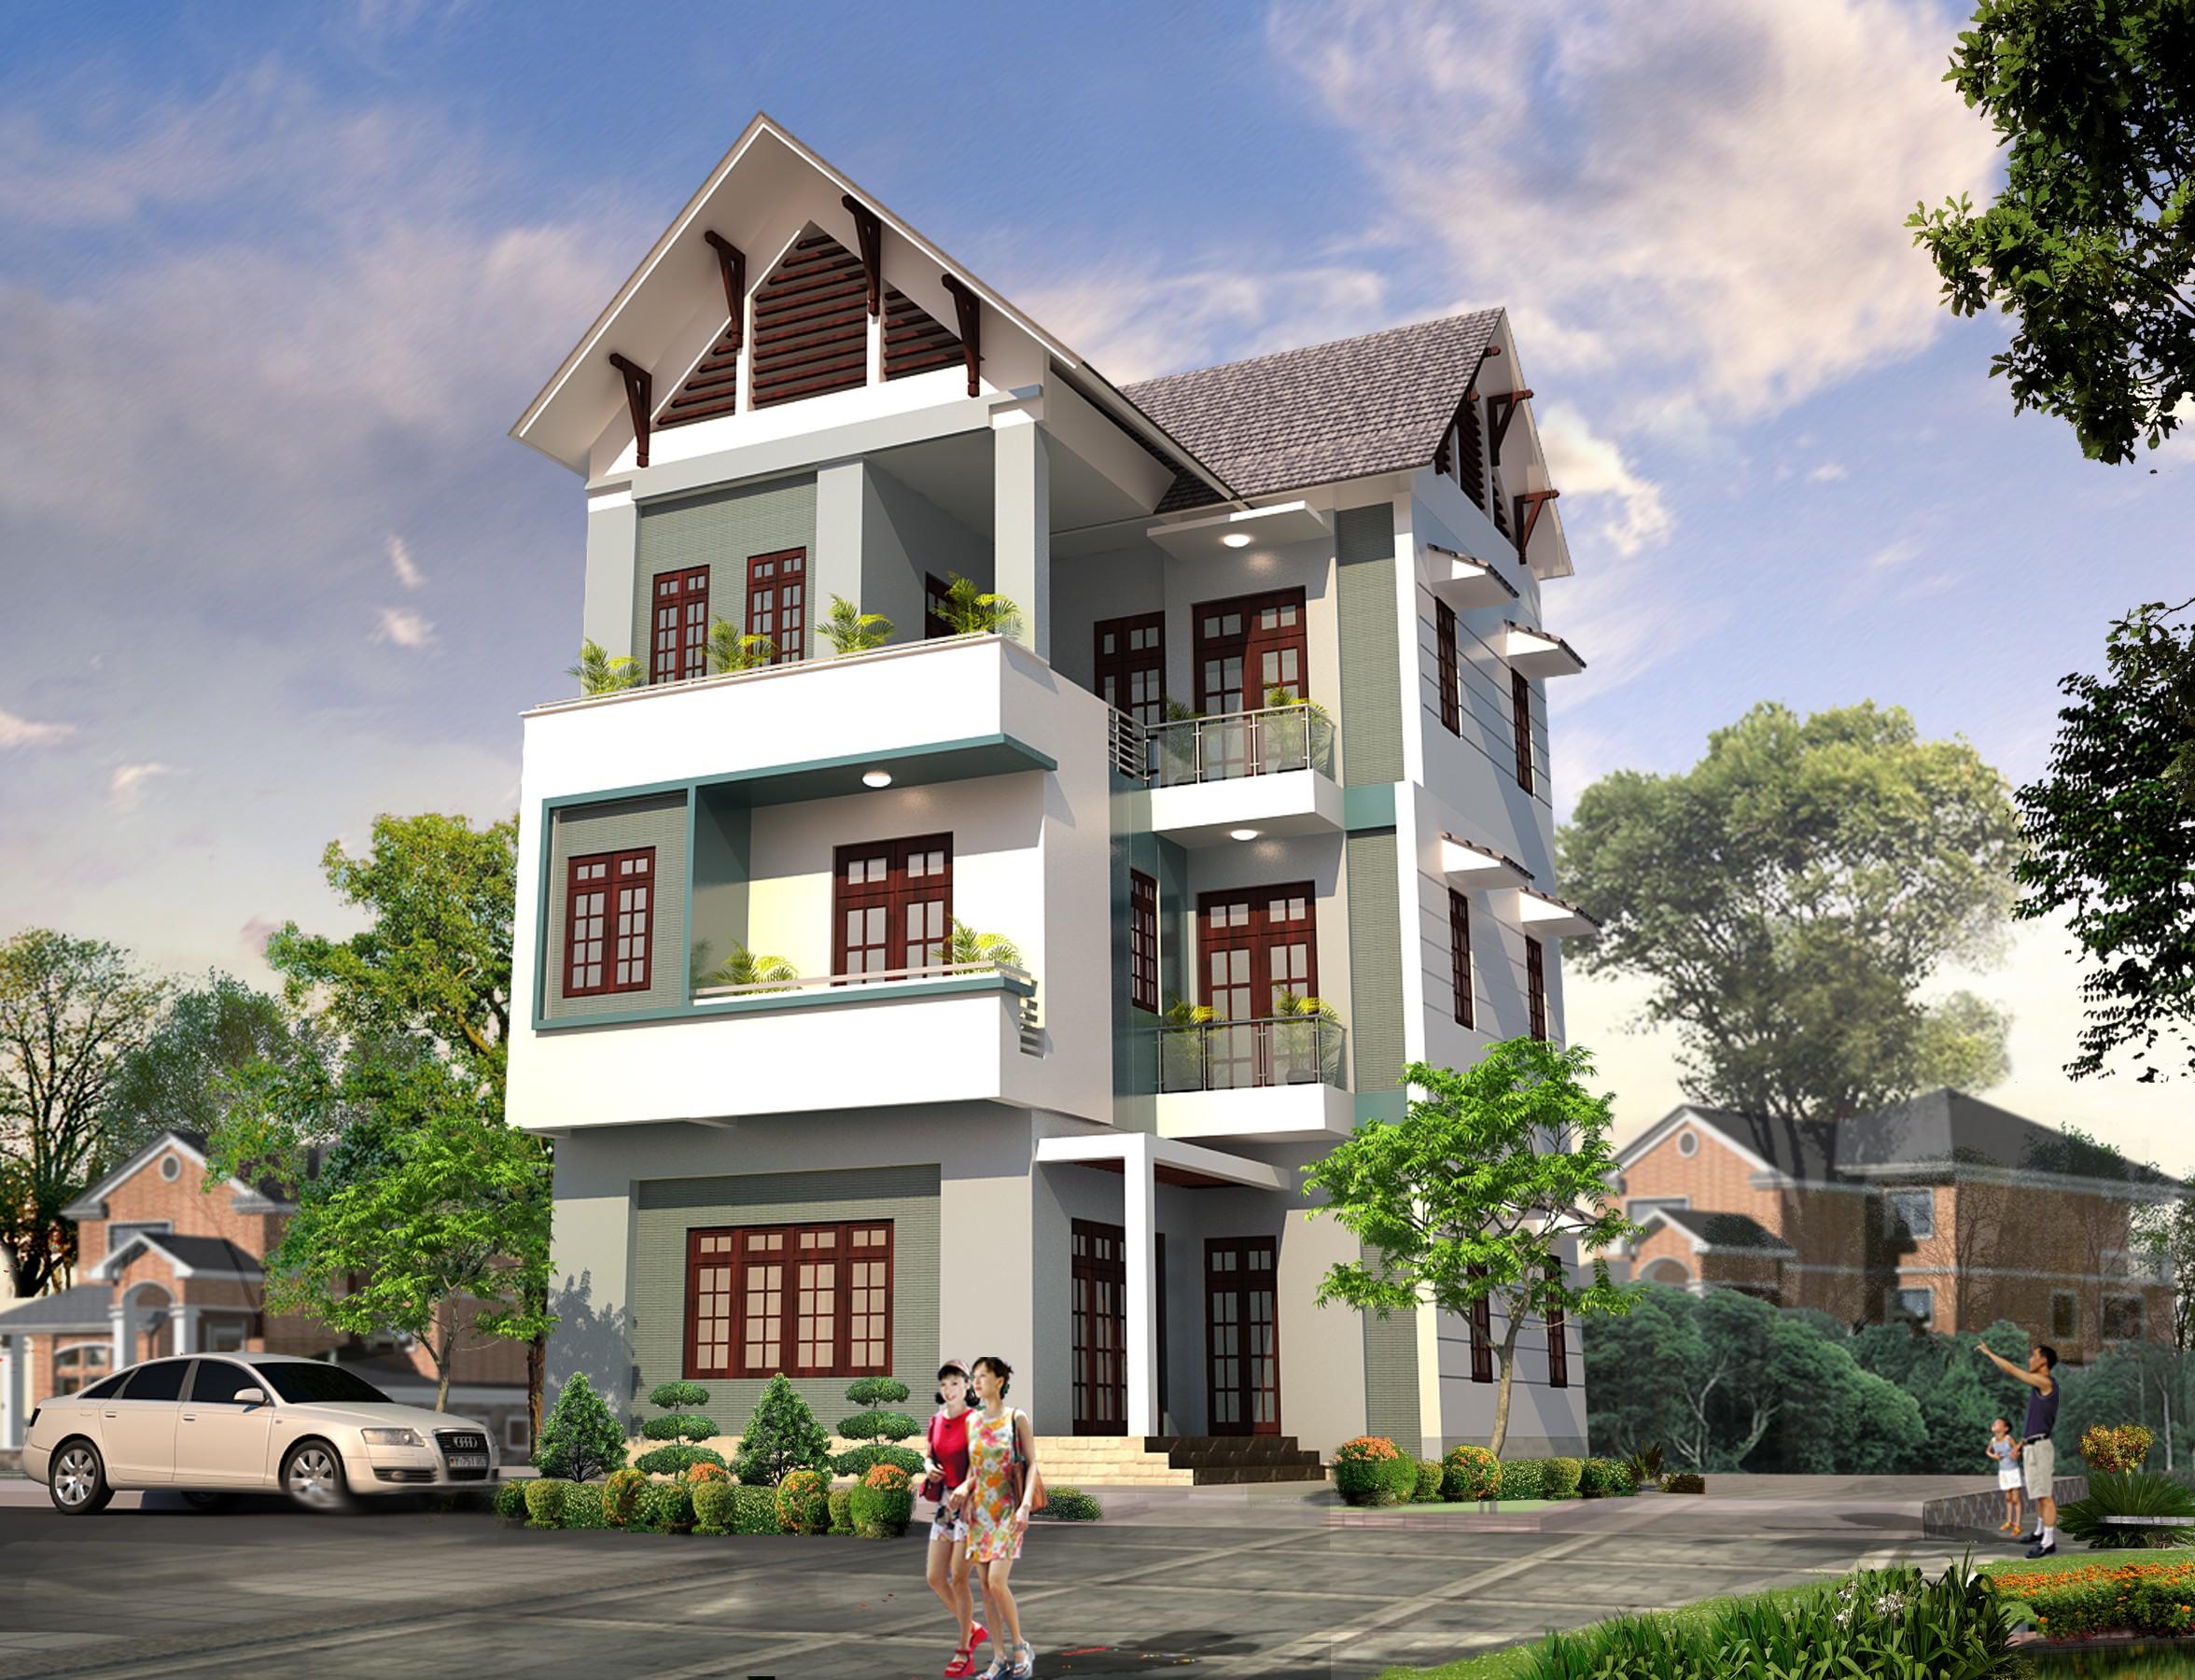 3 Thiết Kế Nhà Giá Rẻ Tại Hà Nội Quảng Ninh 45.000đ, Thiết Kế Nhà Tại Hà Nội Quảng Ninh